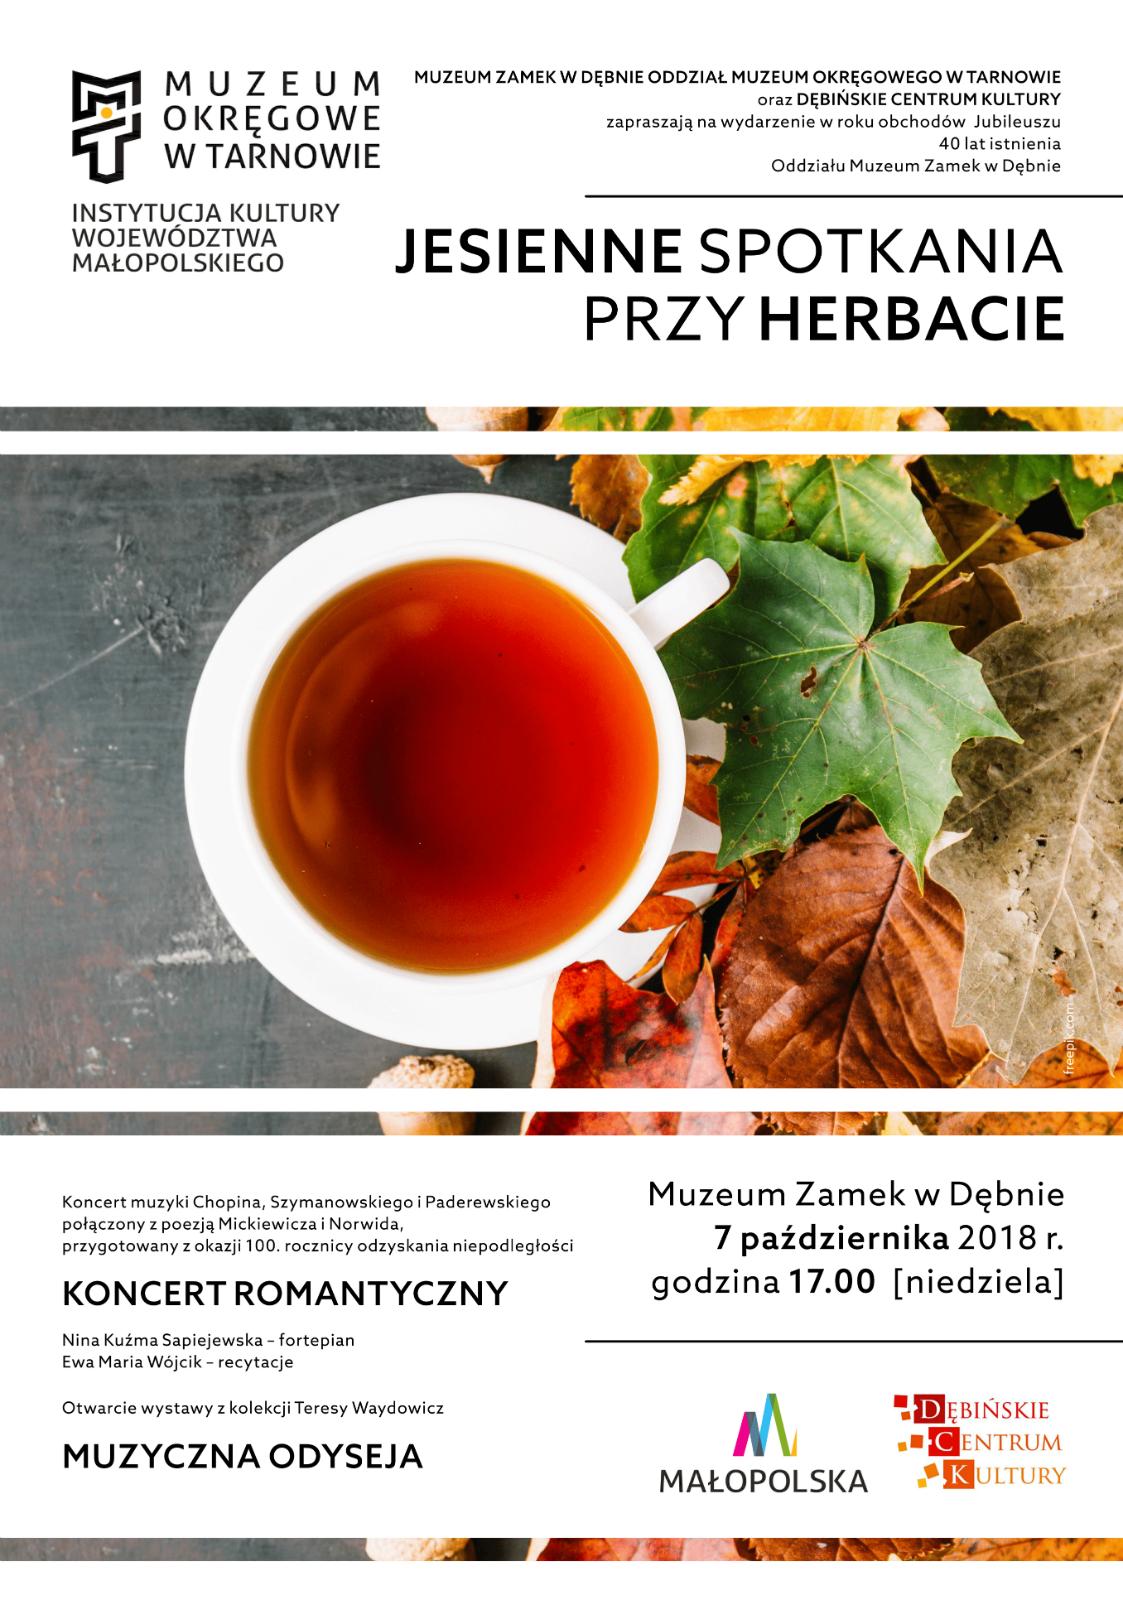 plakat_jesienne spotkania przy herbacie